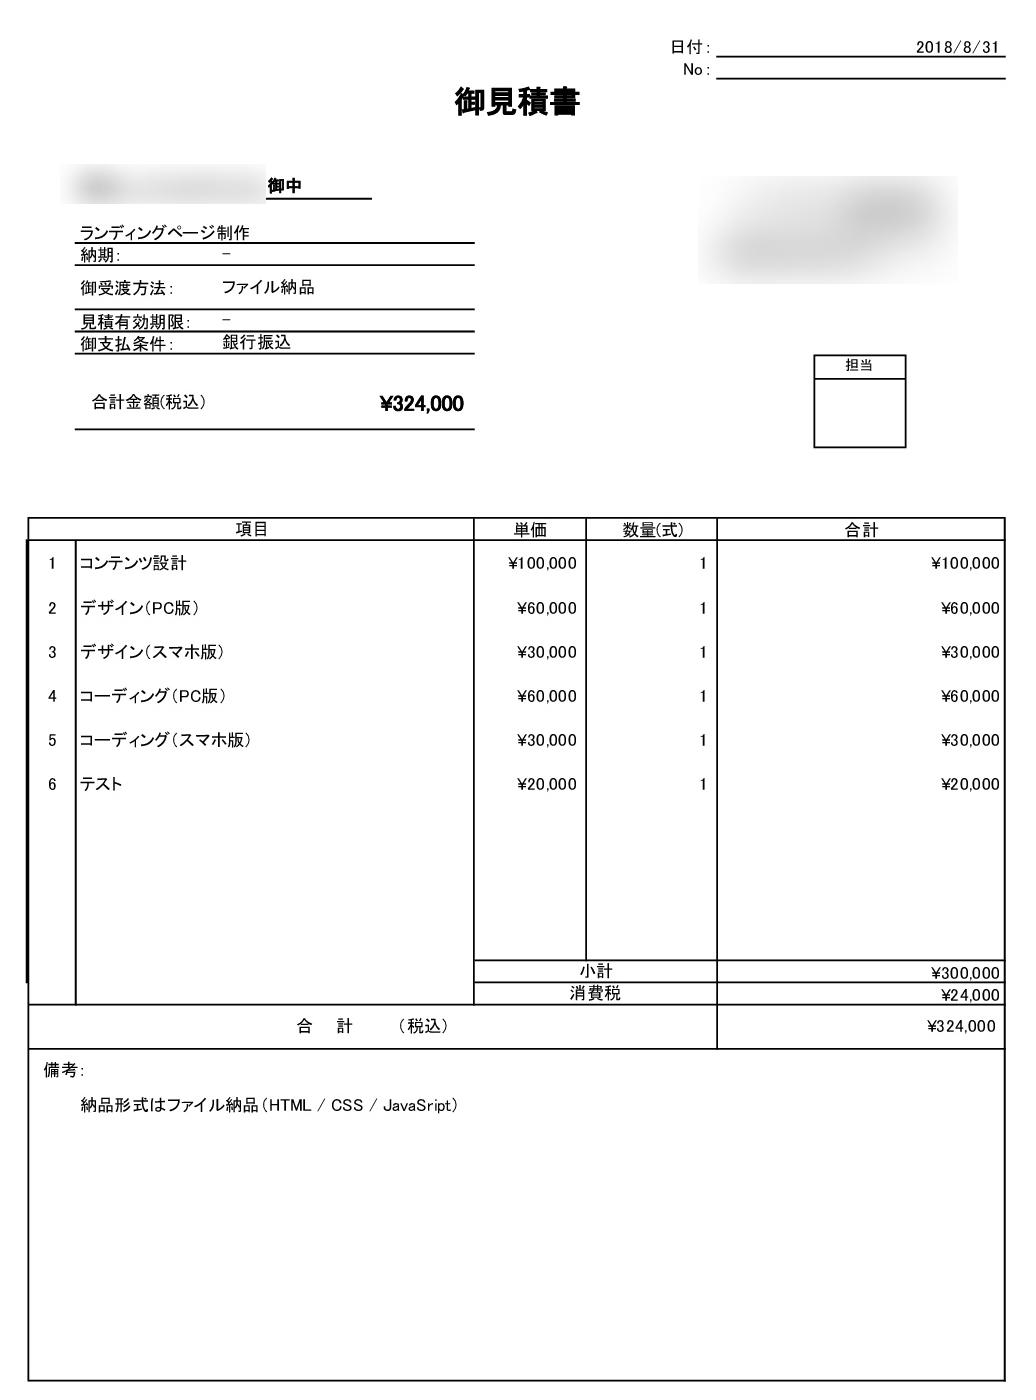 ランディングページ制作の見積書